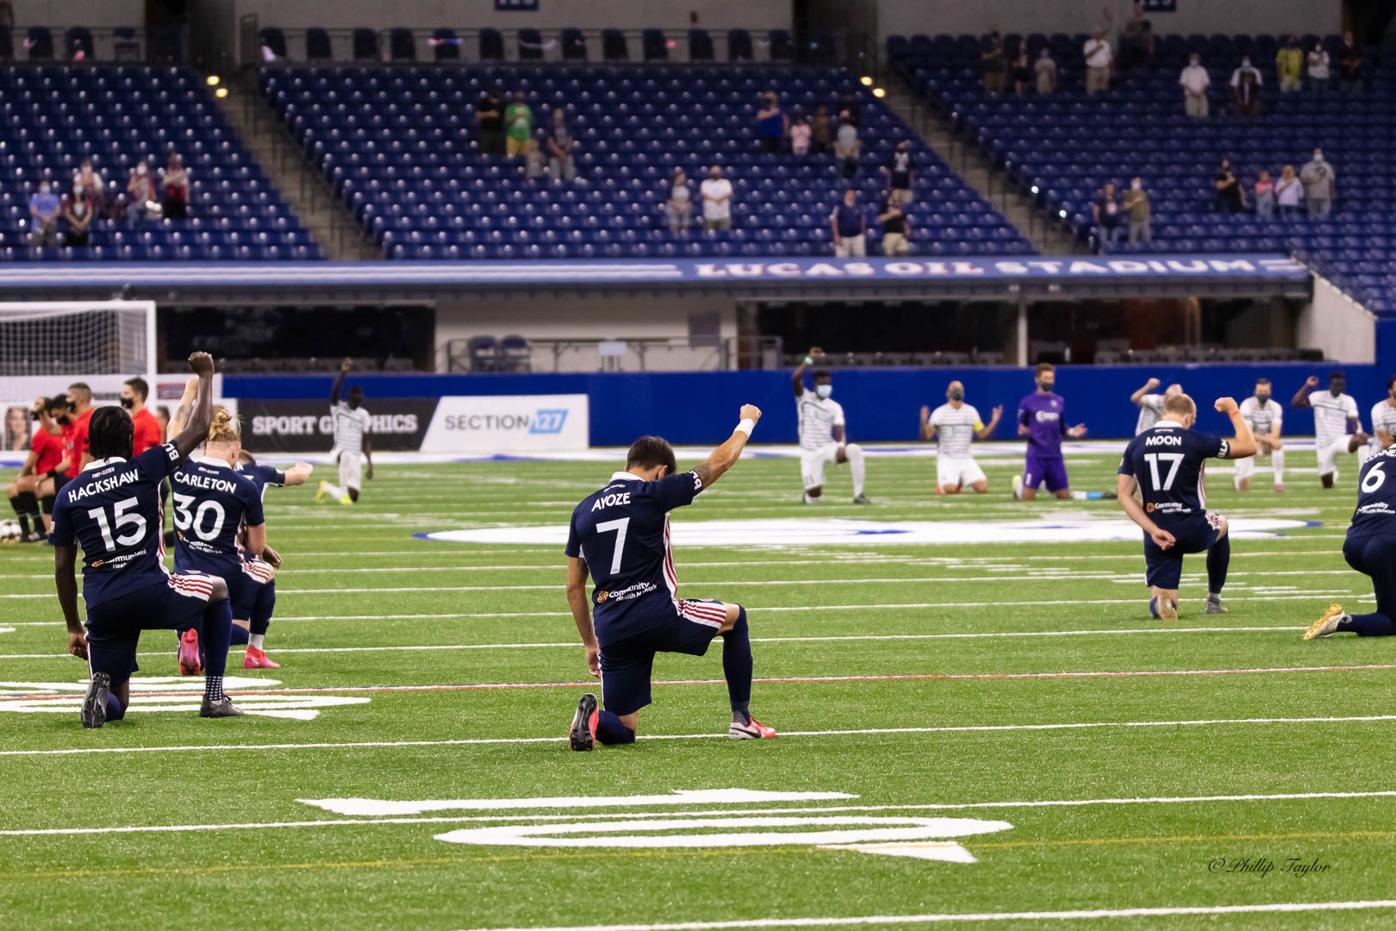 Indy Eleven VS ST. Louis FC